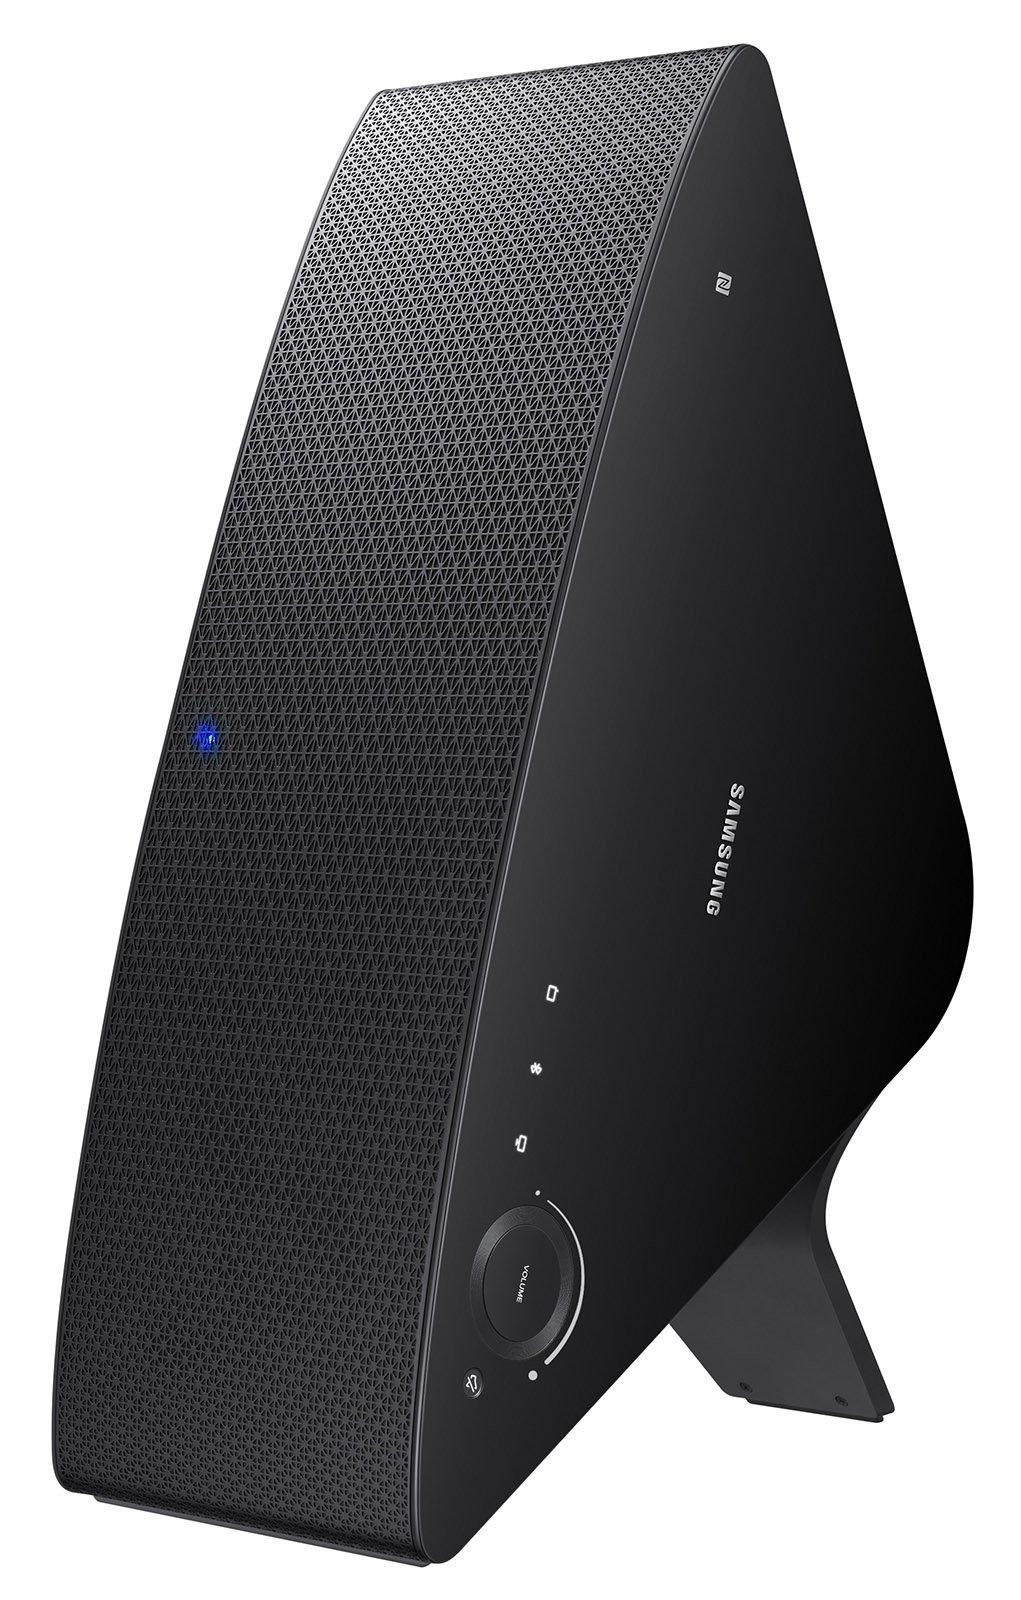 Casse audio per l 39 impianto stereo cose di casa - Impianto wi fi per casa ...